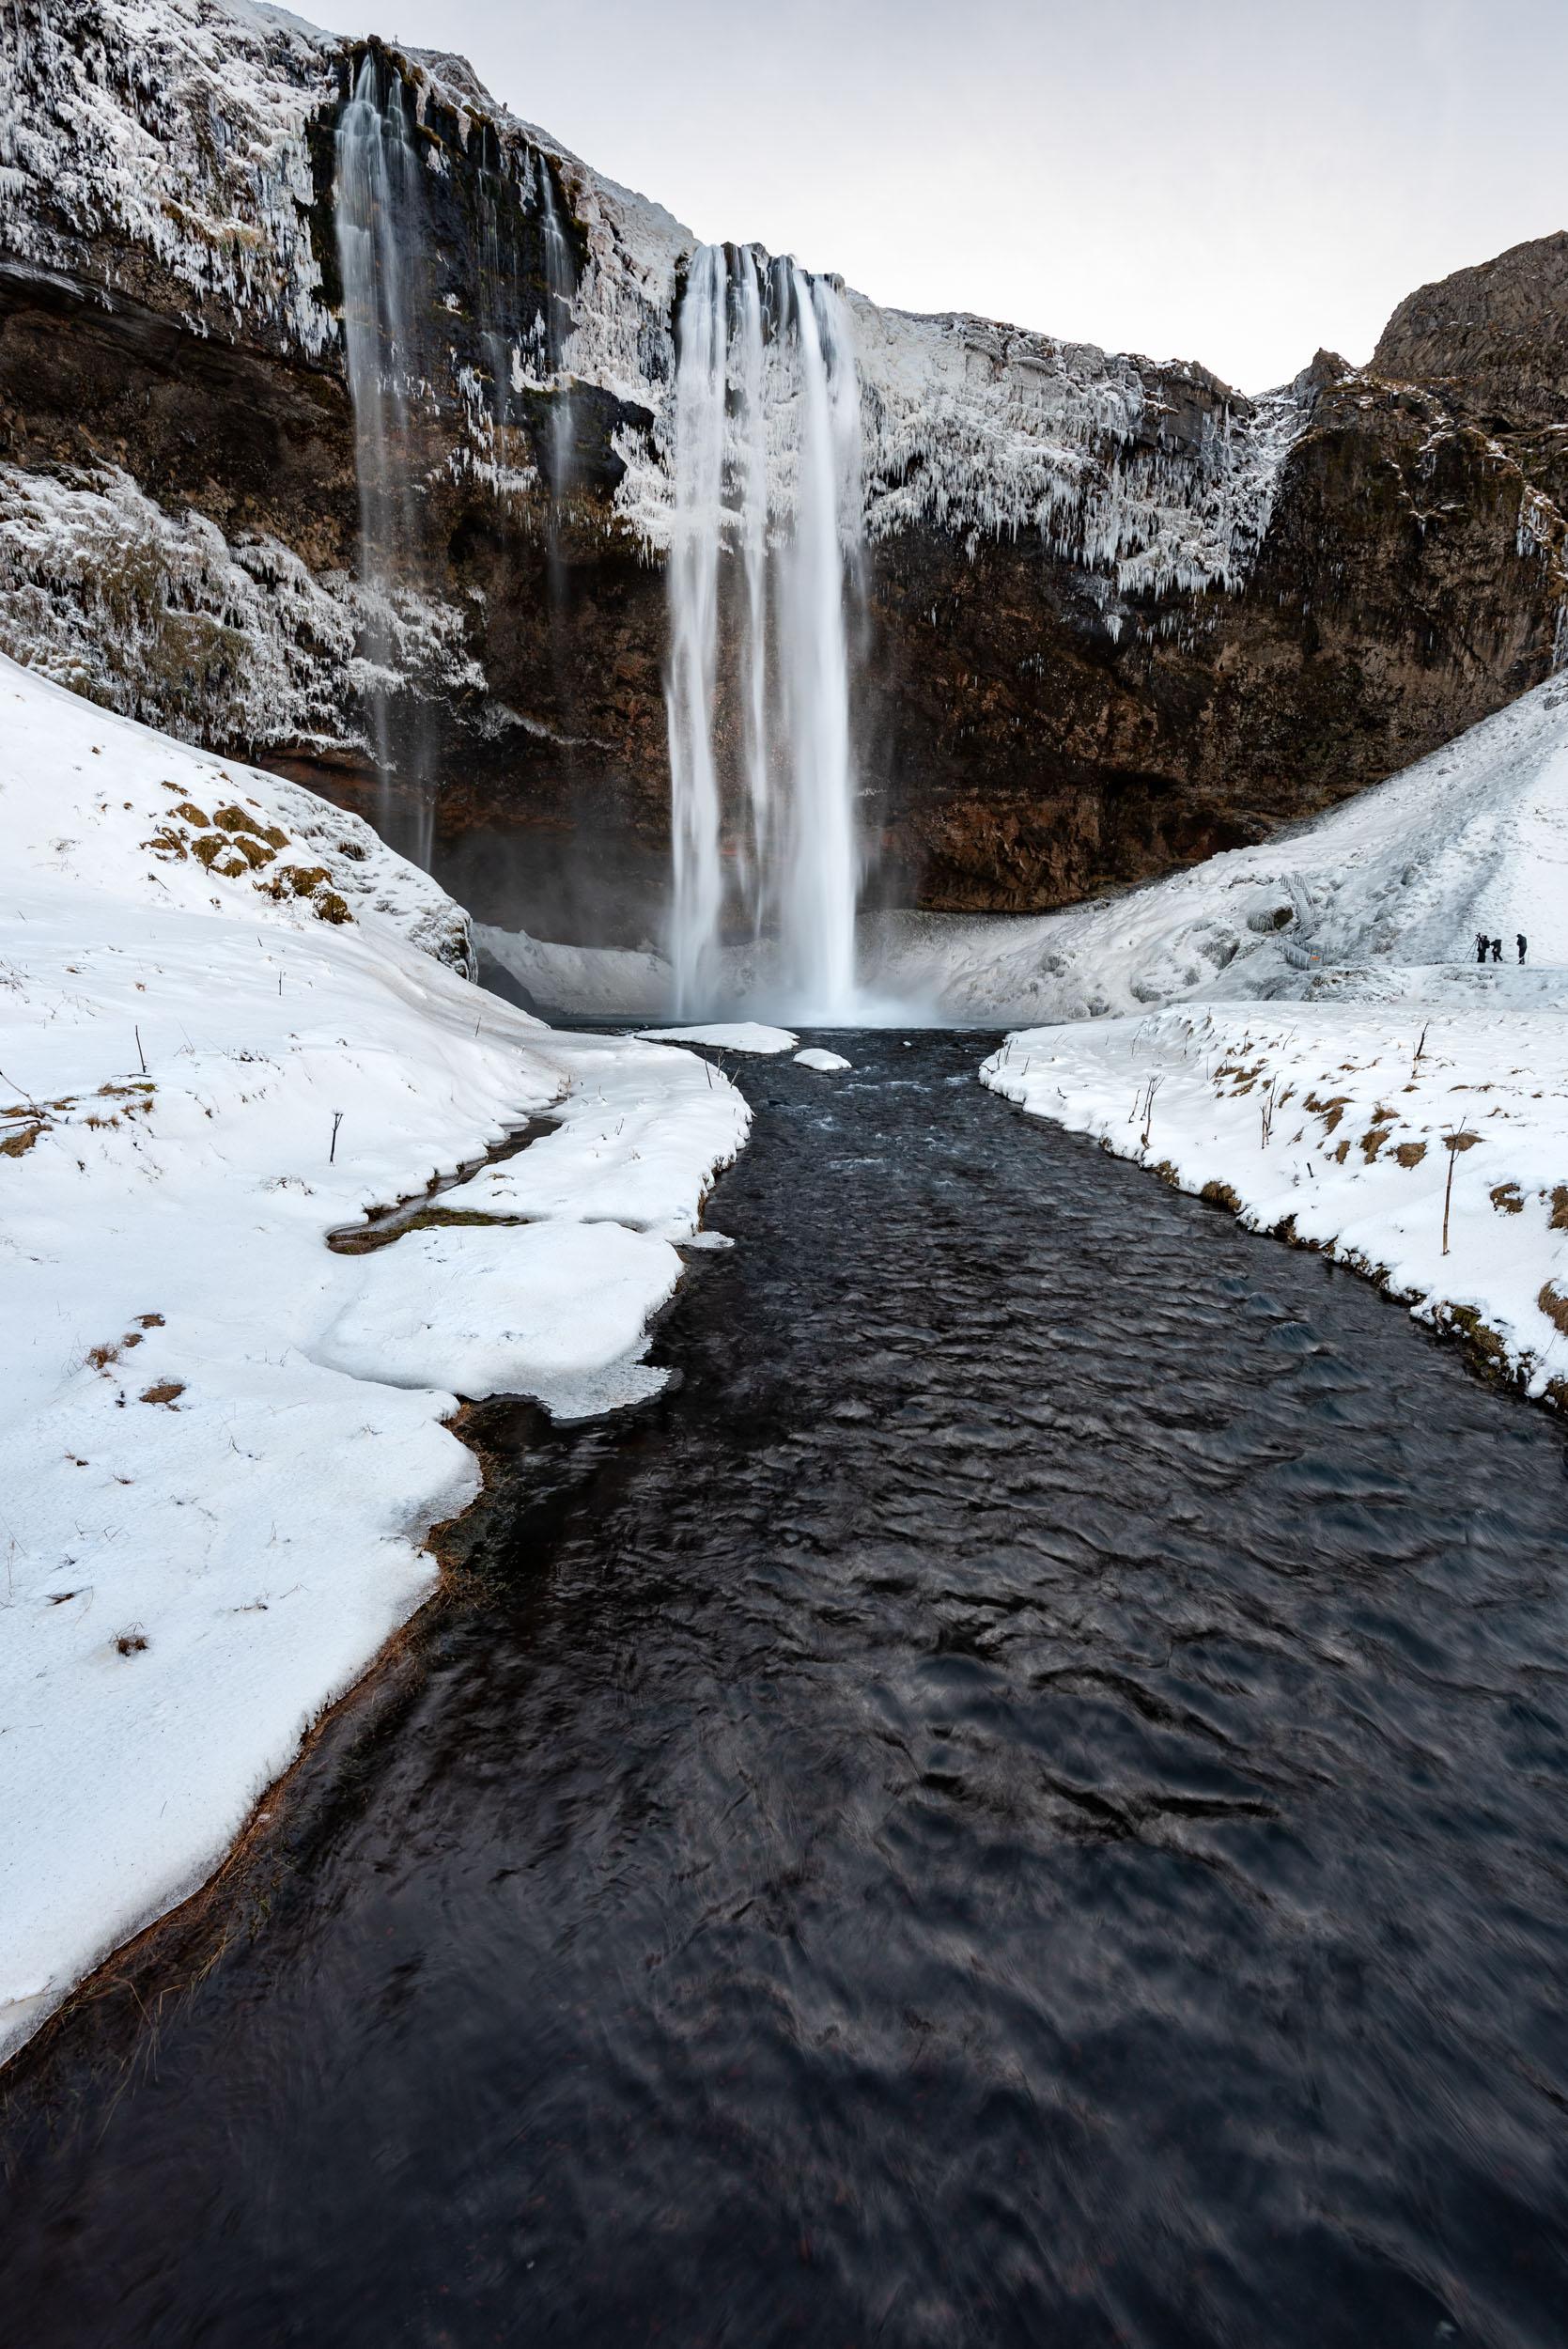 Seljalandsfoss, Waterfall, Iceland, Seljalandsfoss Waterfall, Brad Geddes Photography, Brad Geddes